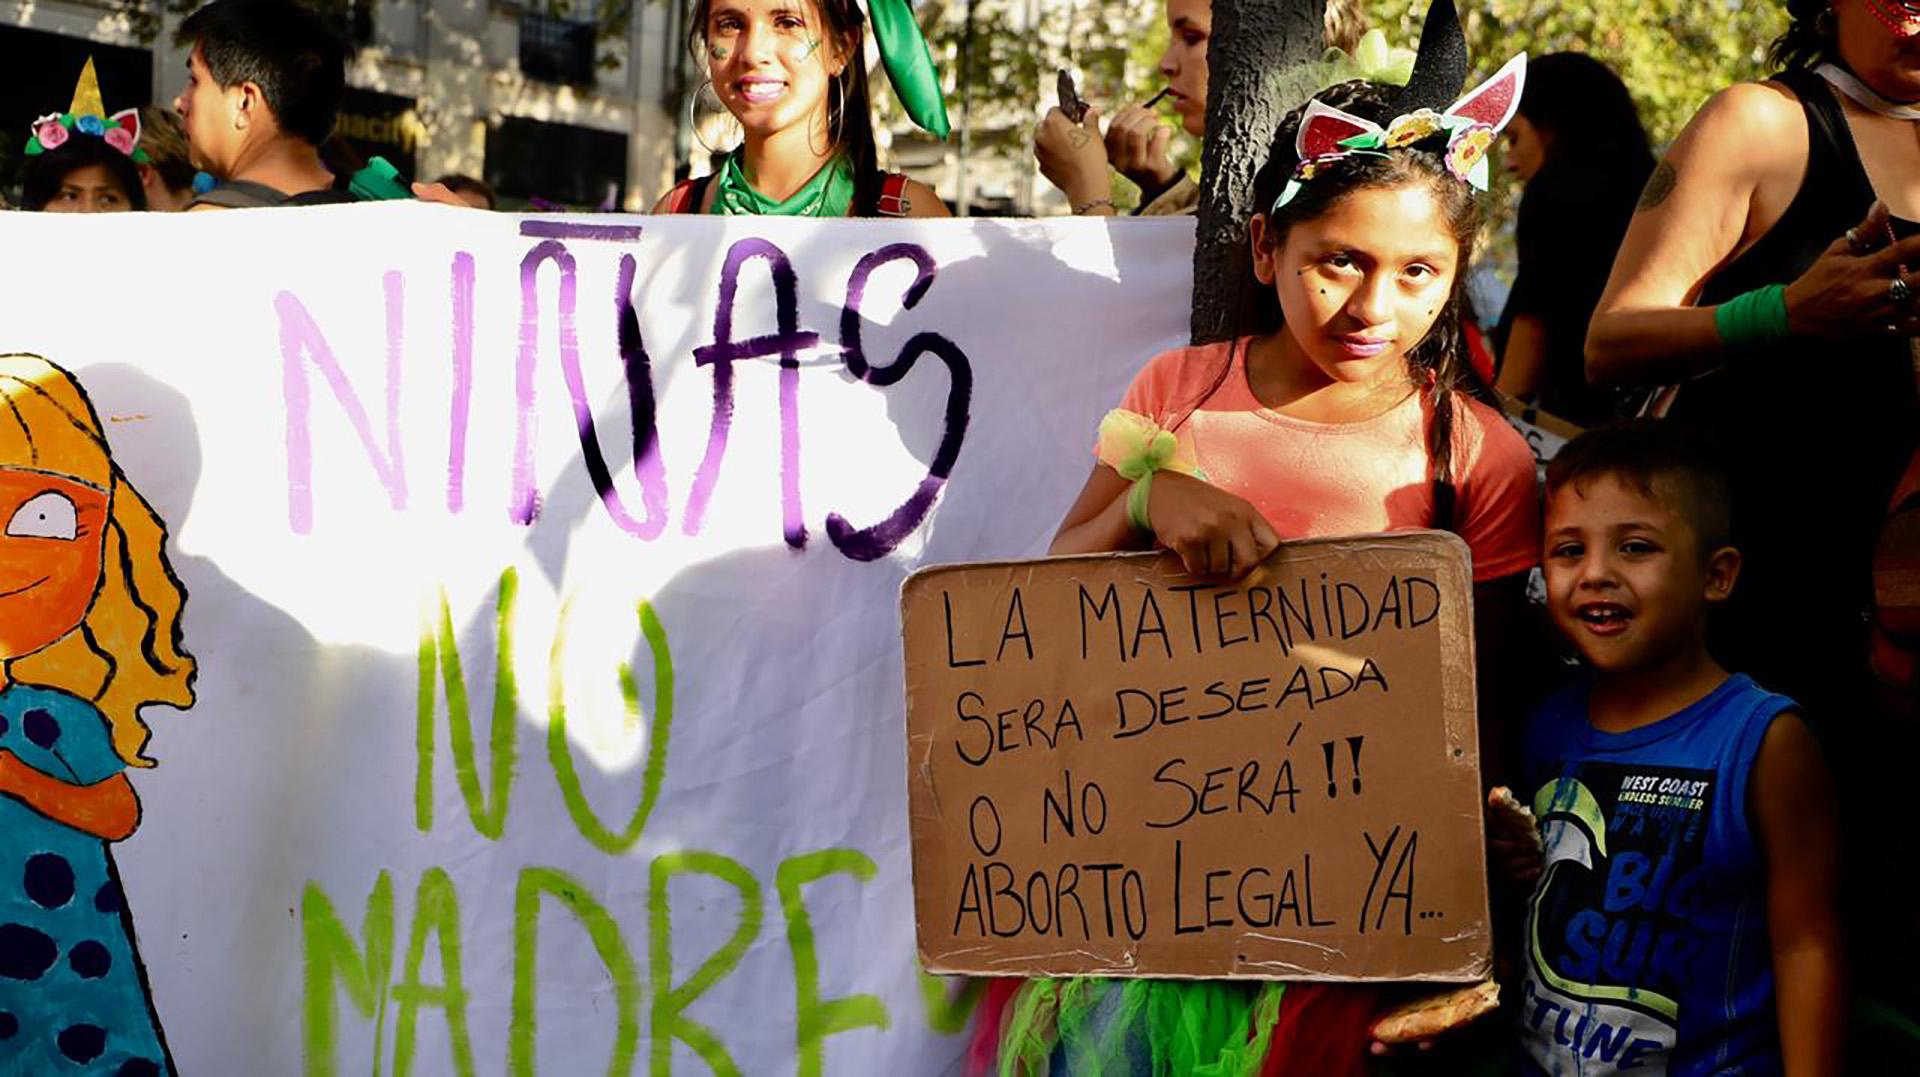 Con consignas diversas, las mujeres se manifestaron en las calles (Lihueel Althabe)